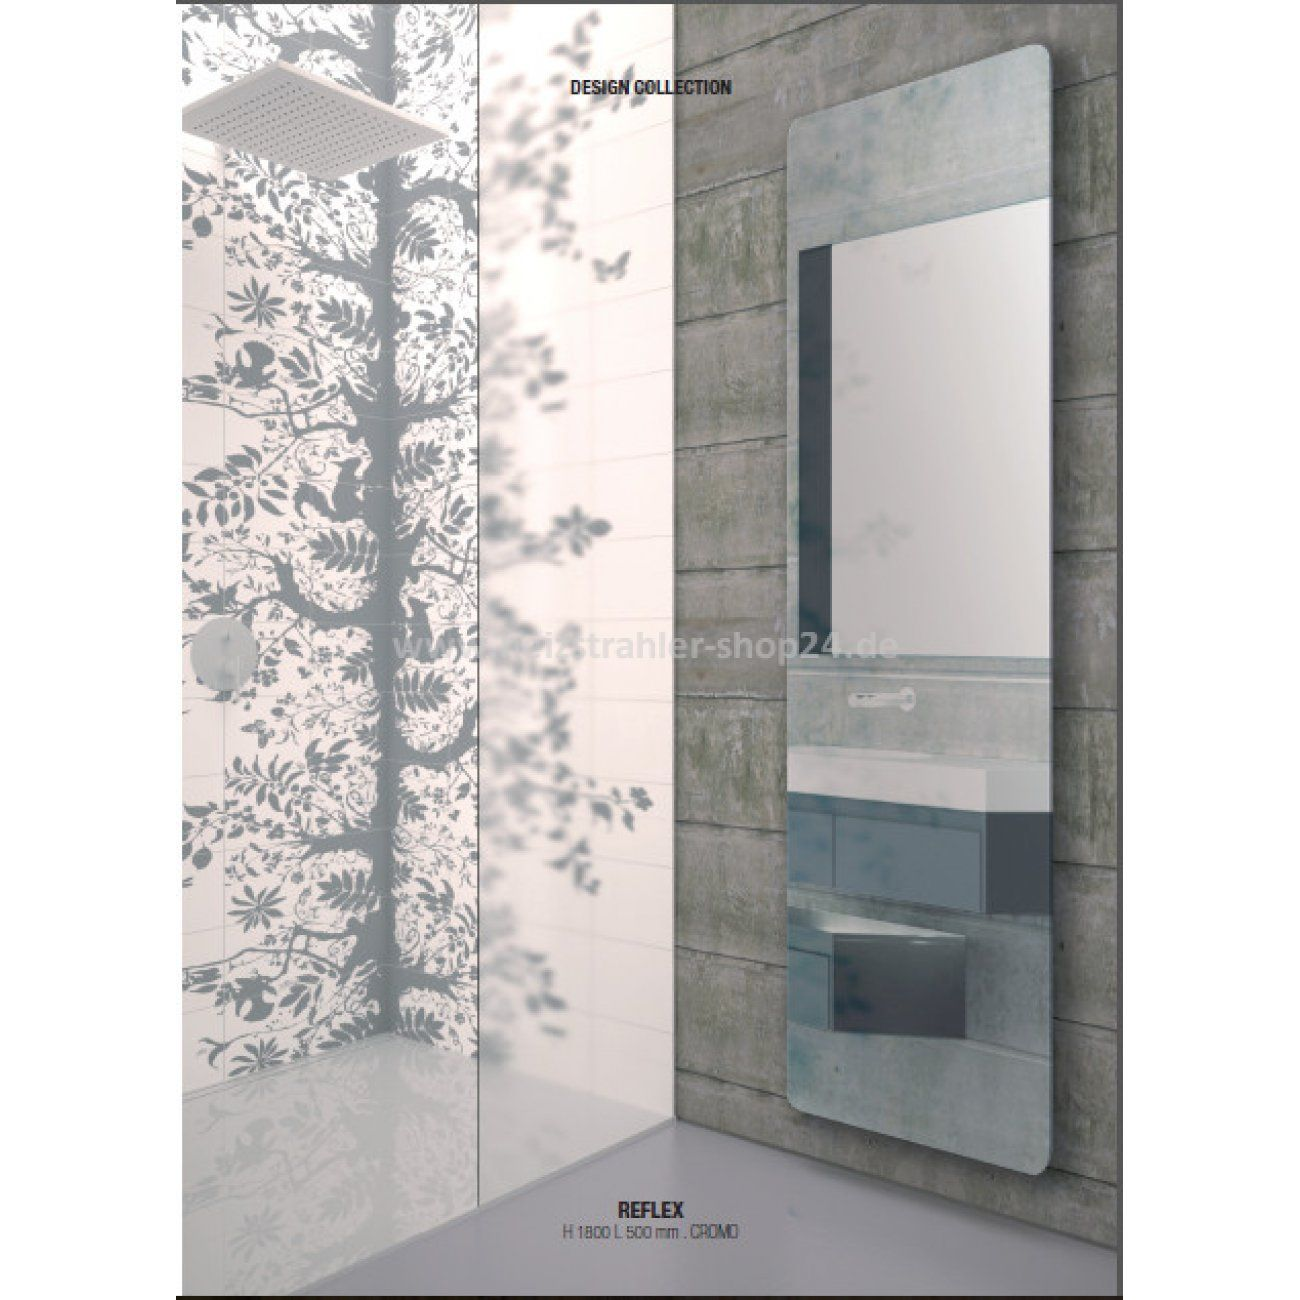 Infrarot Spiegelheizung Von K8 Mit Fernbedienung Fur Das Badezimmer Mirror Infrared Heating By K8 With Remote Co Spiegelheizung Infrarotheizung Heizstrahler